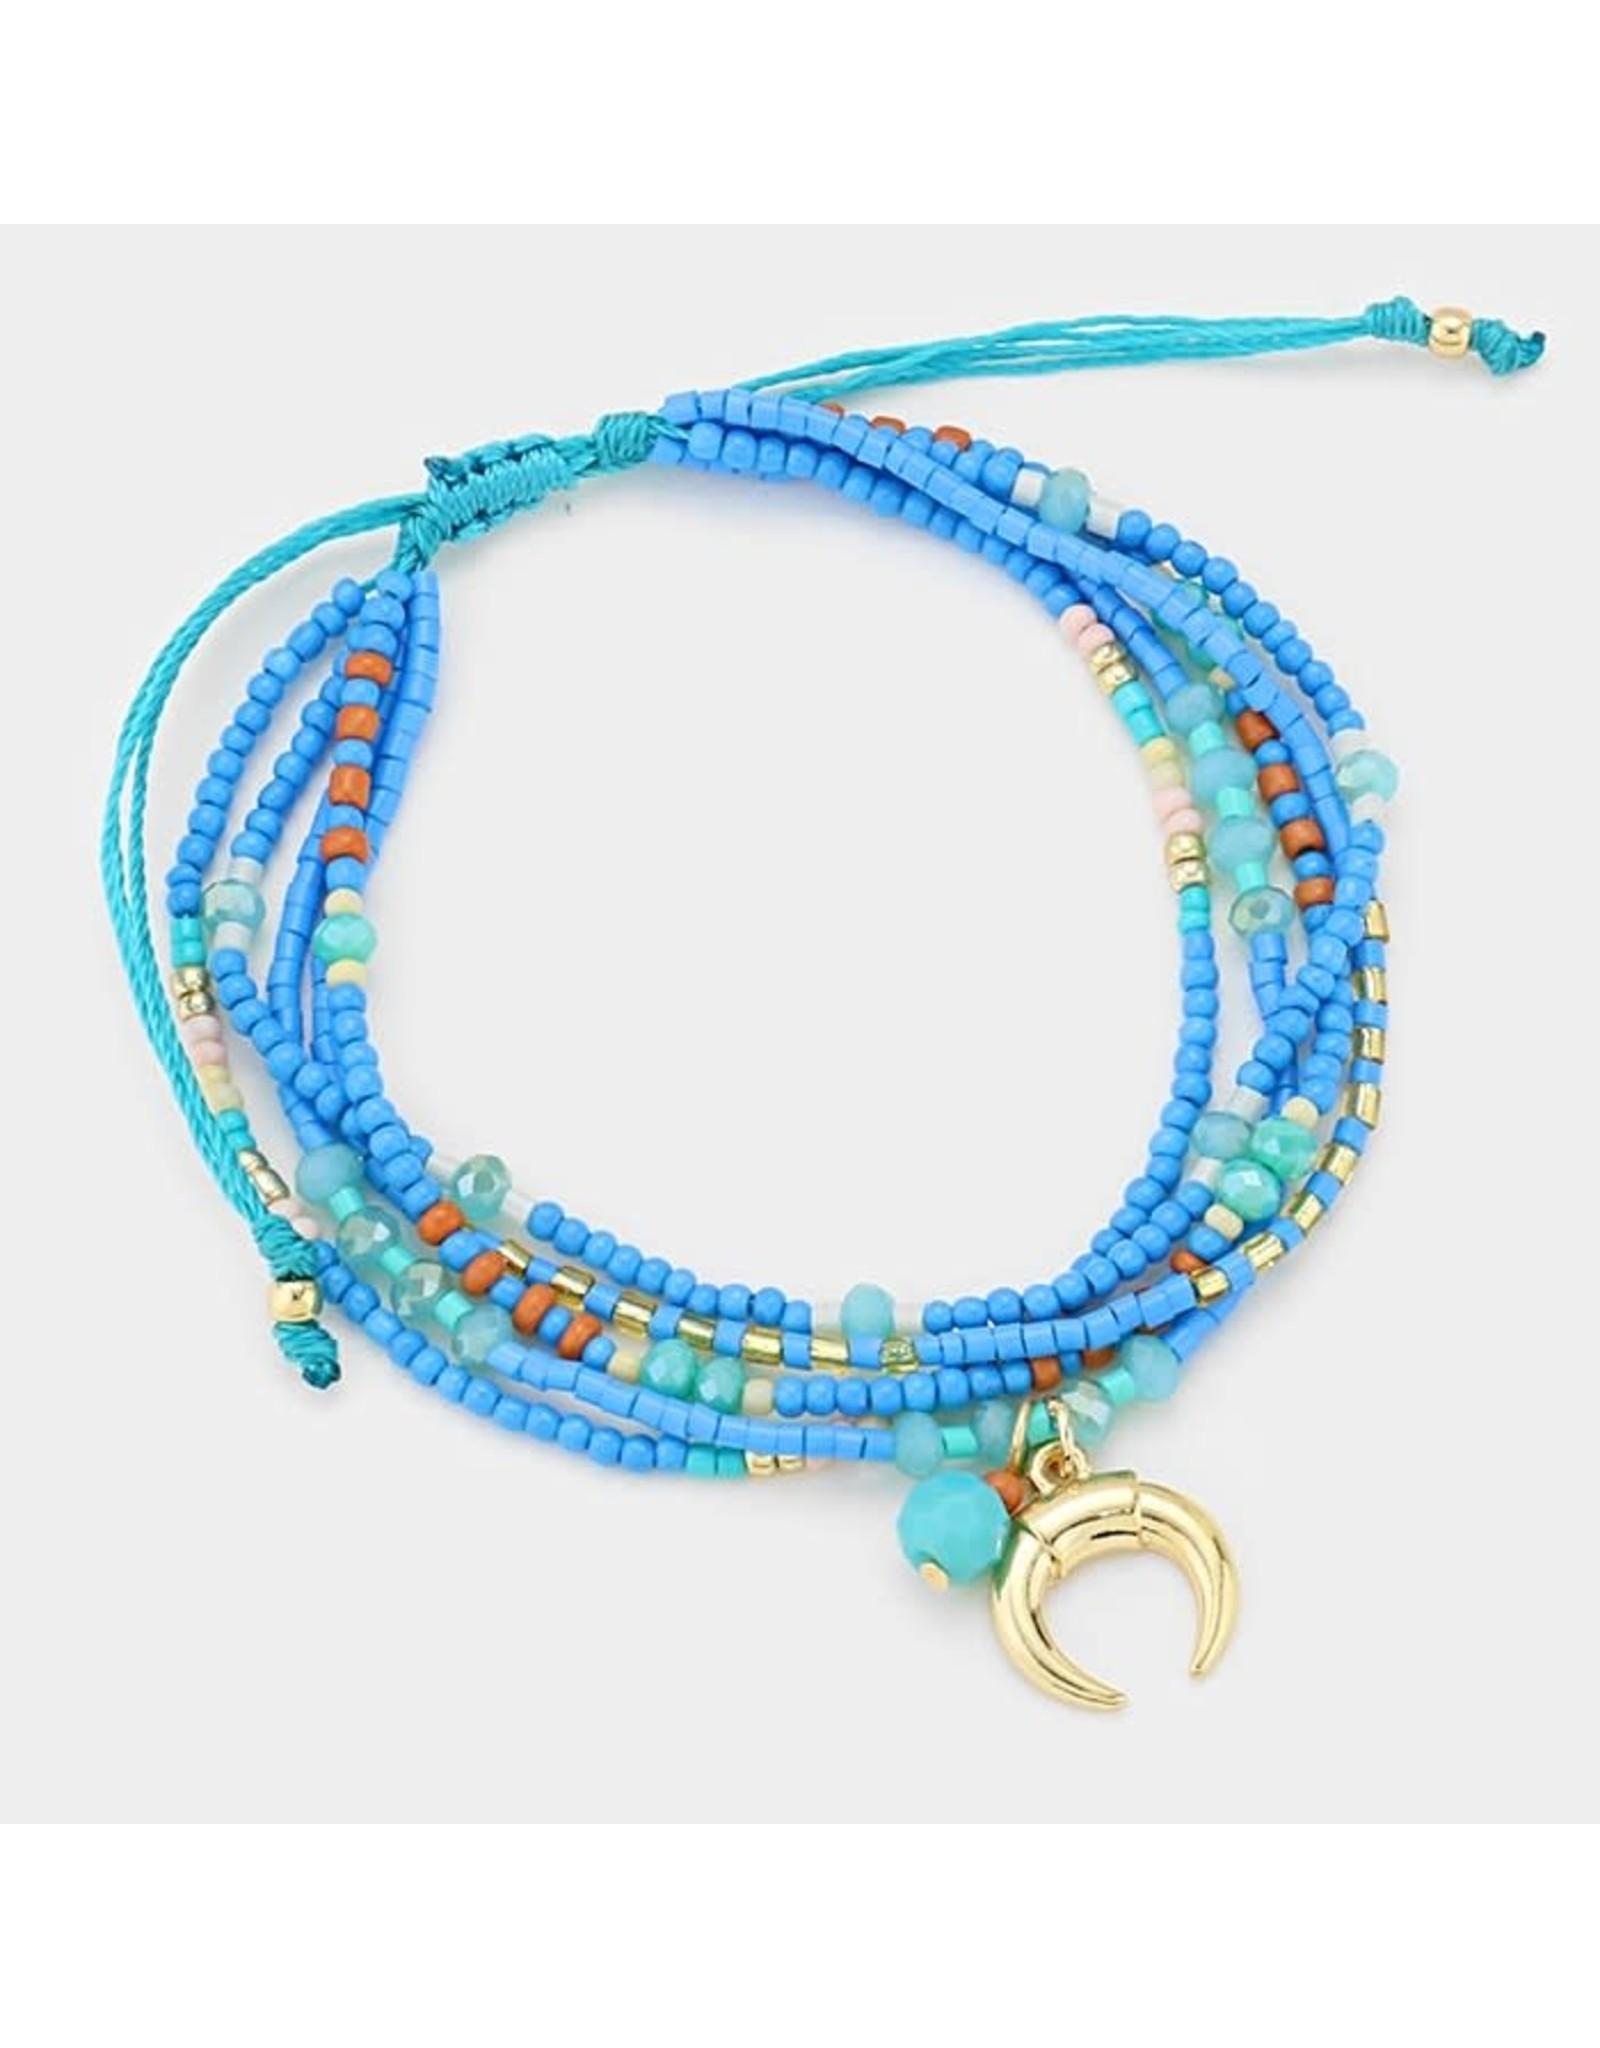 Double Horn Multi-Strand Boho Bead Cinch Bracelet